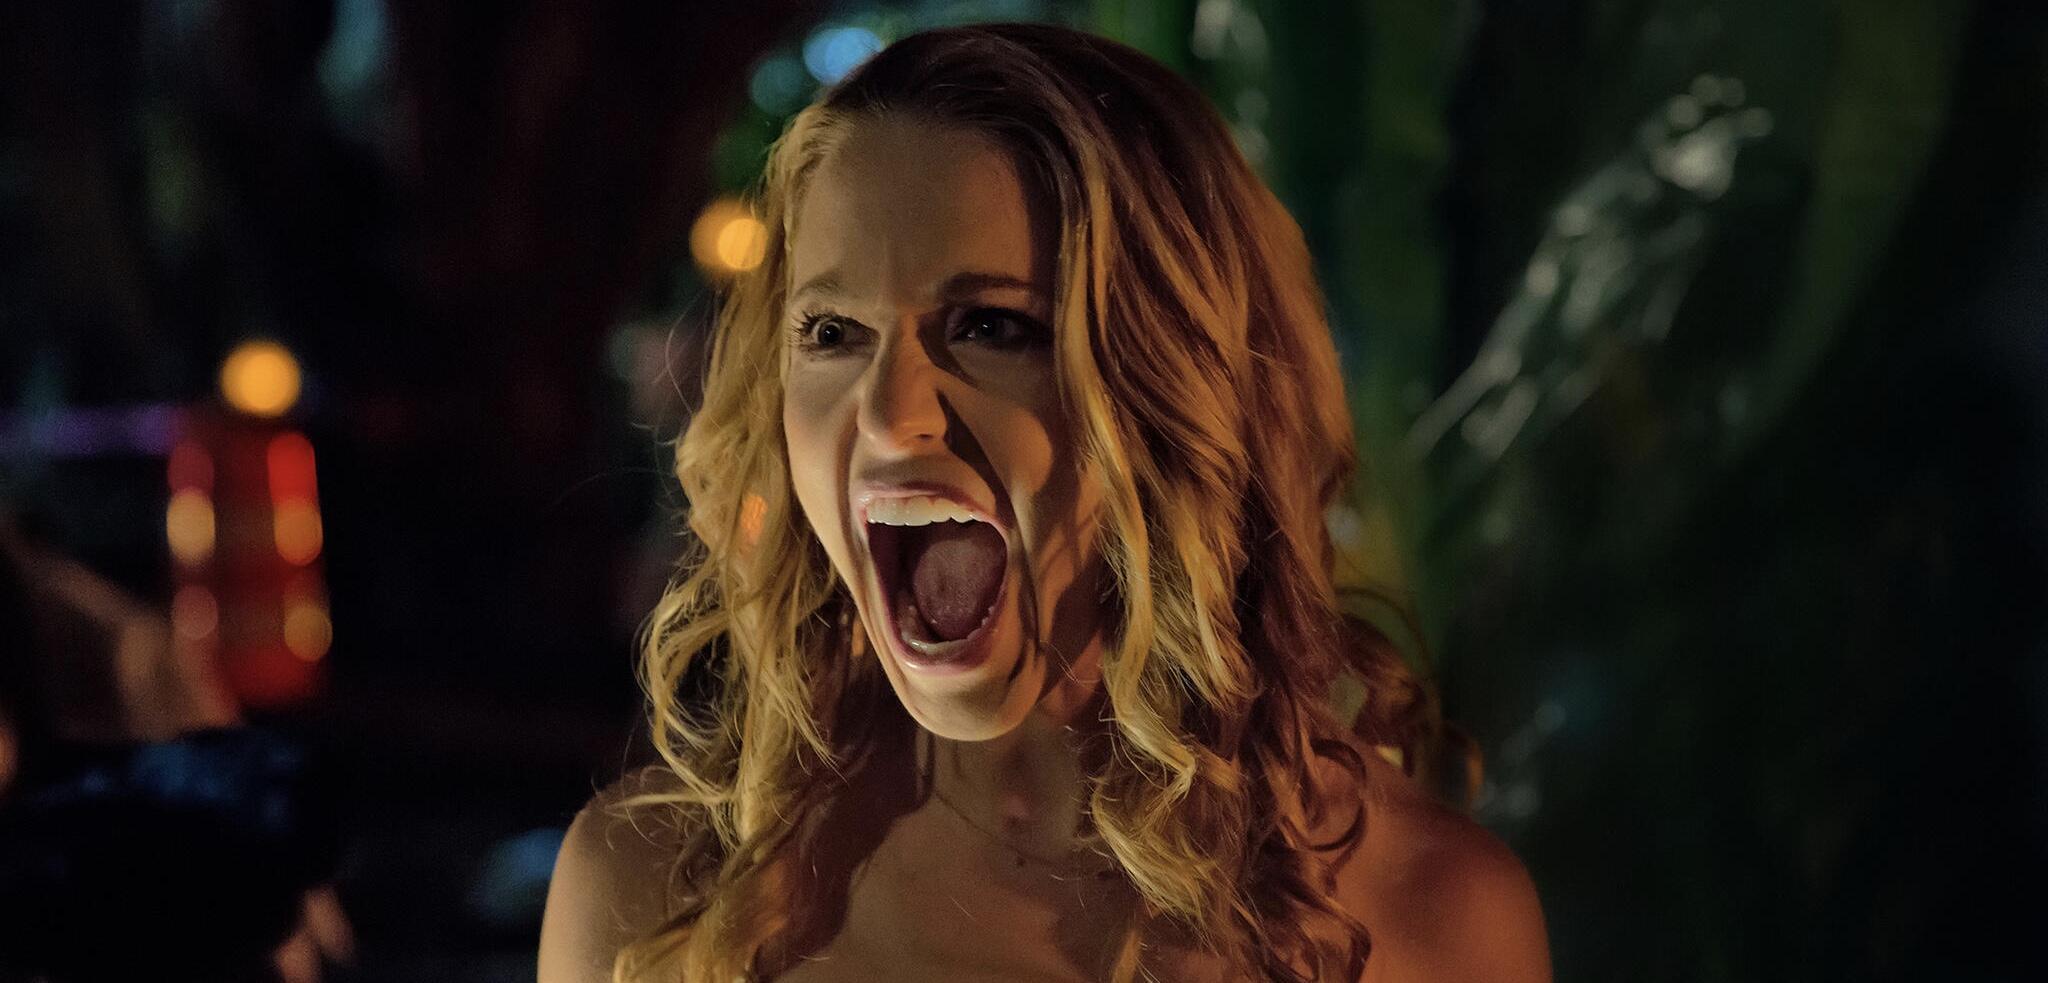 Happy Deathday ist nächster großer Hit für Horrorfilm-Schmiede Blumhouse